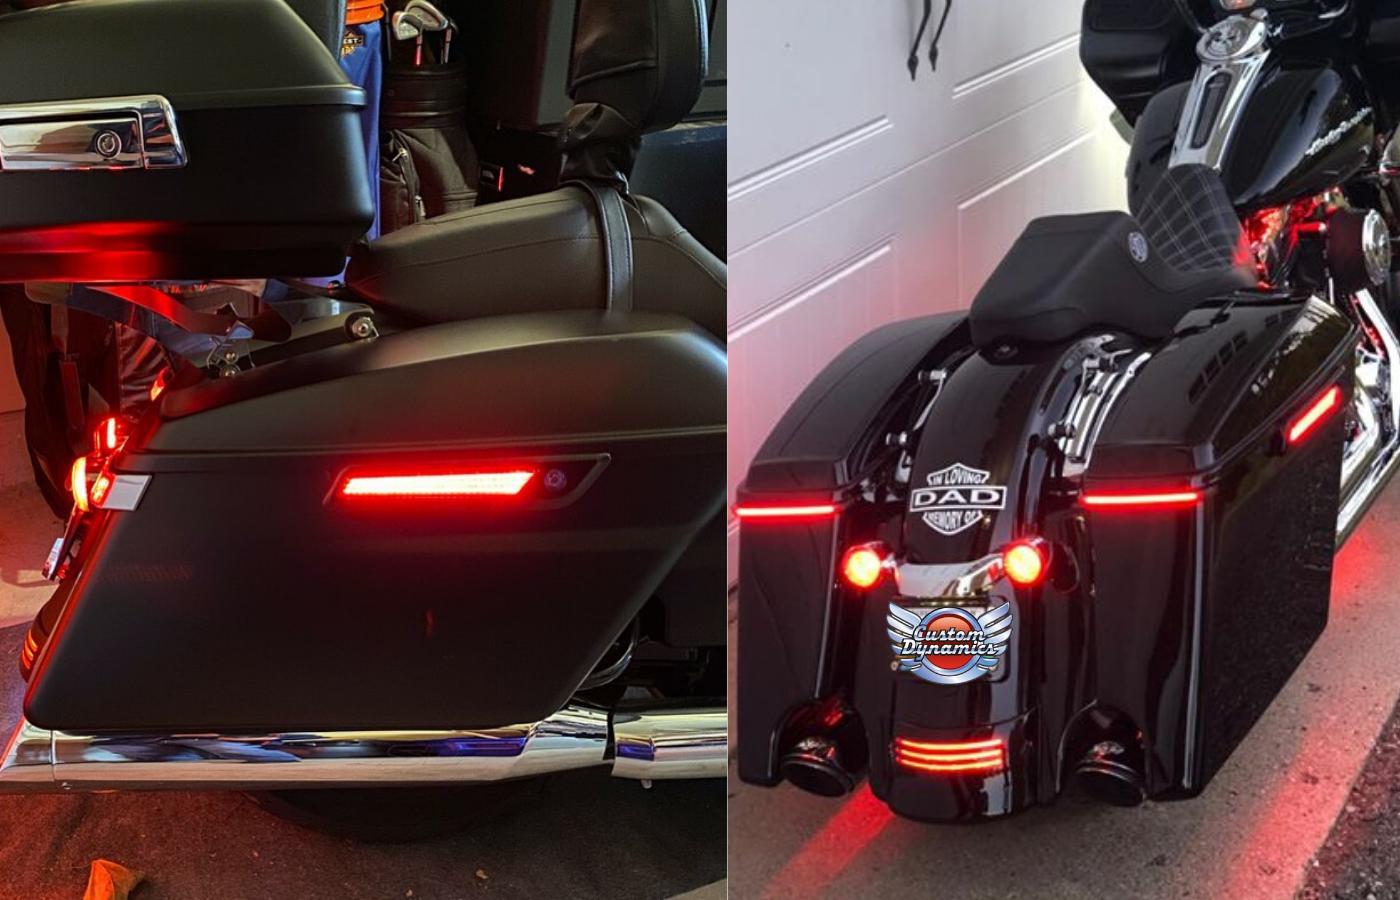 LED Saddle bag Latch Lights for Harley Davidson